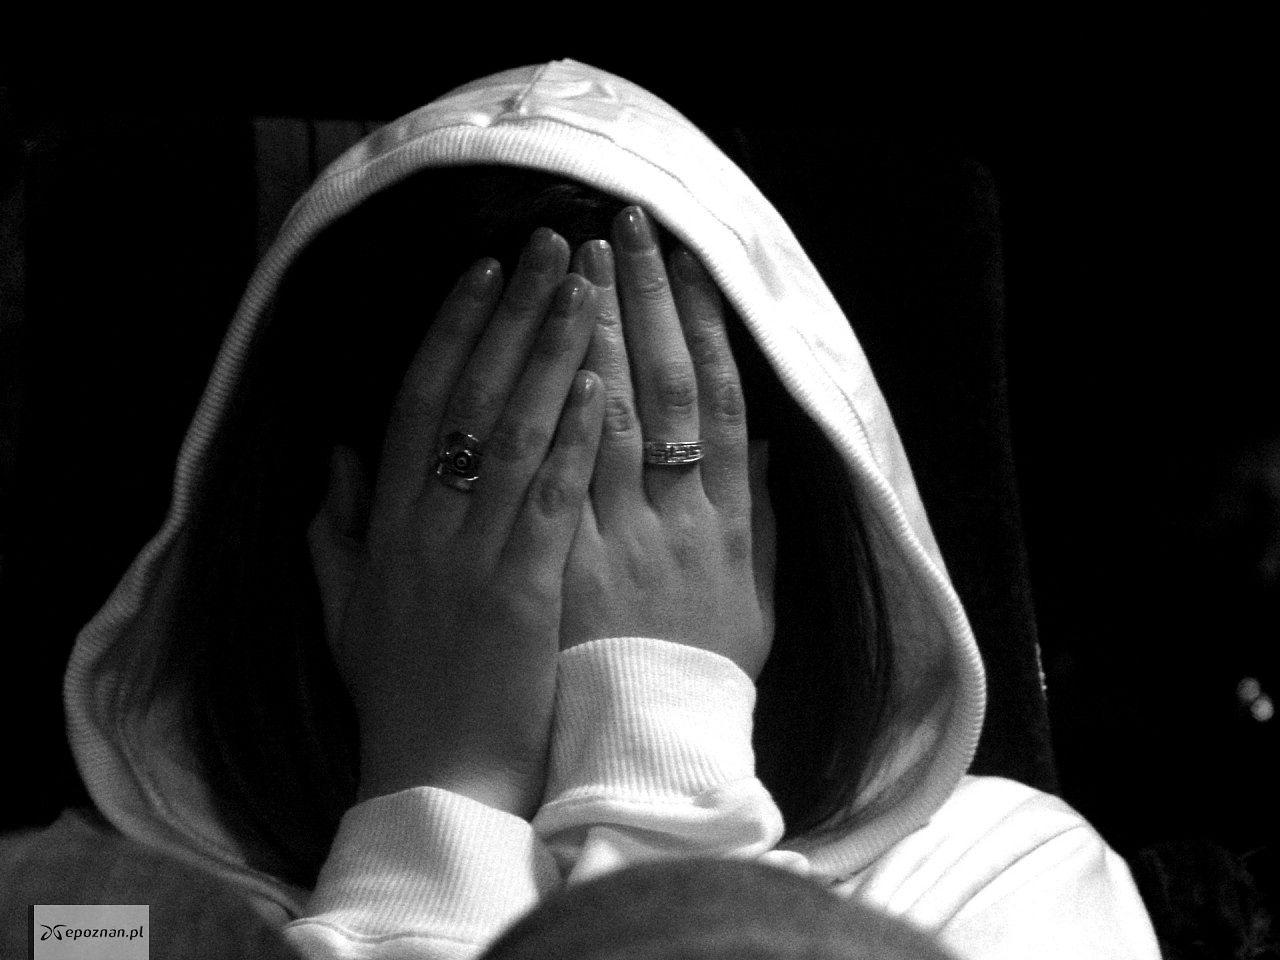 kobieta pobita randki online darmowe serwisy randkowe, które nie kosztują żadnych pieniędzy